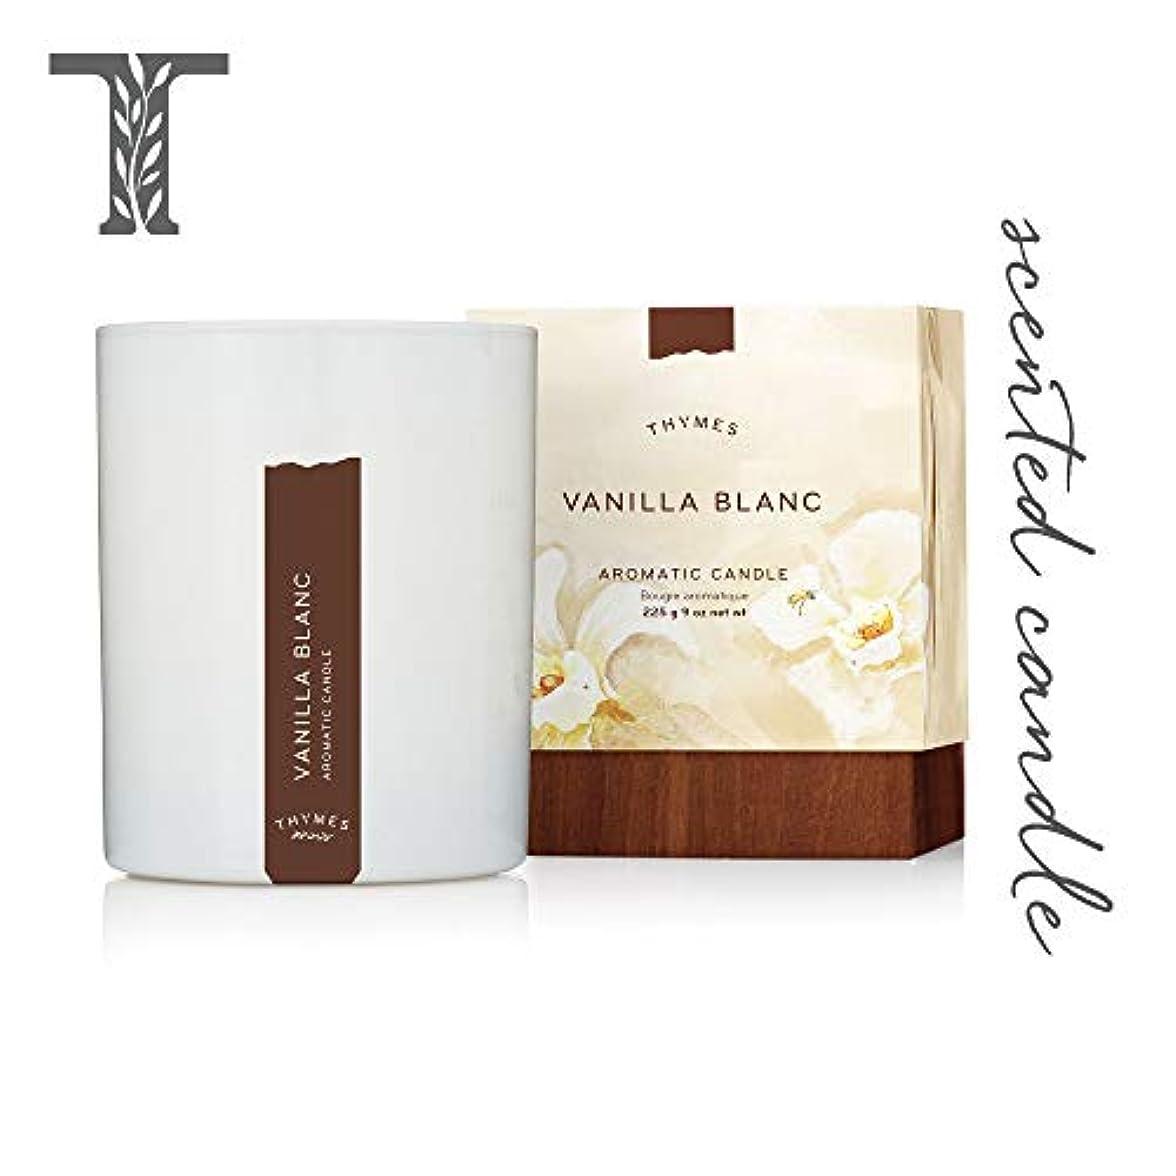 適度な調子ストレージThymes - Vanilla Blanc Aromatic Scented Candle - Long Lasting Warm Vanilla Scent with Gift Box - 9 oz